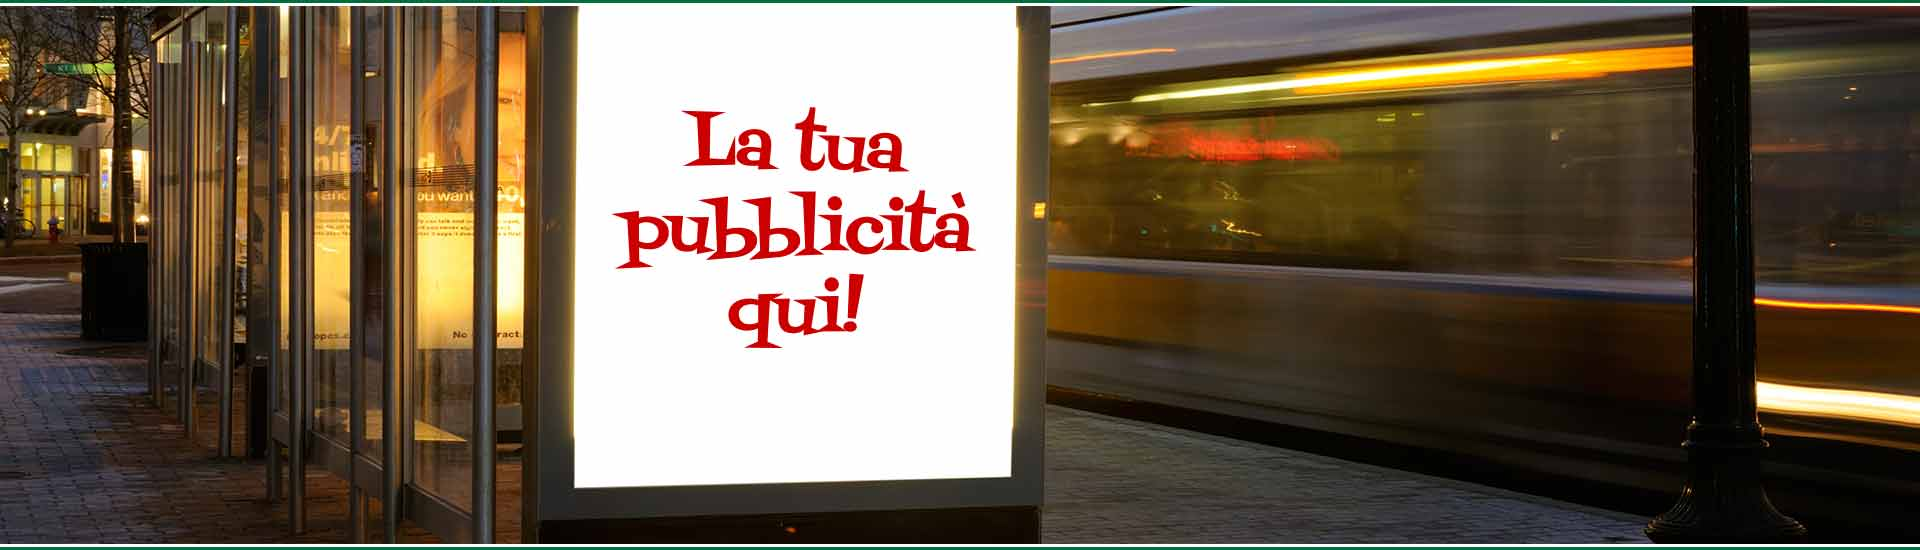 Campagne affissioni Italia